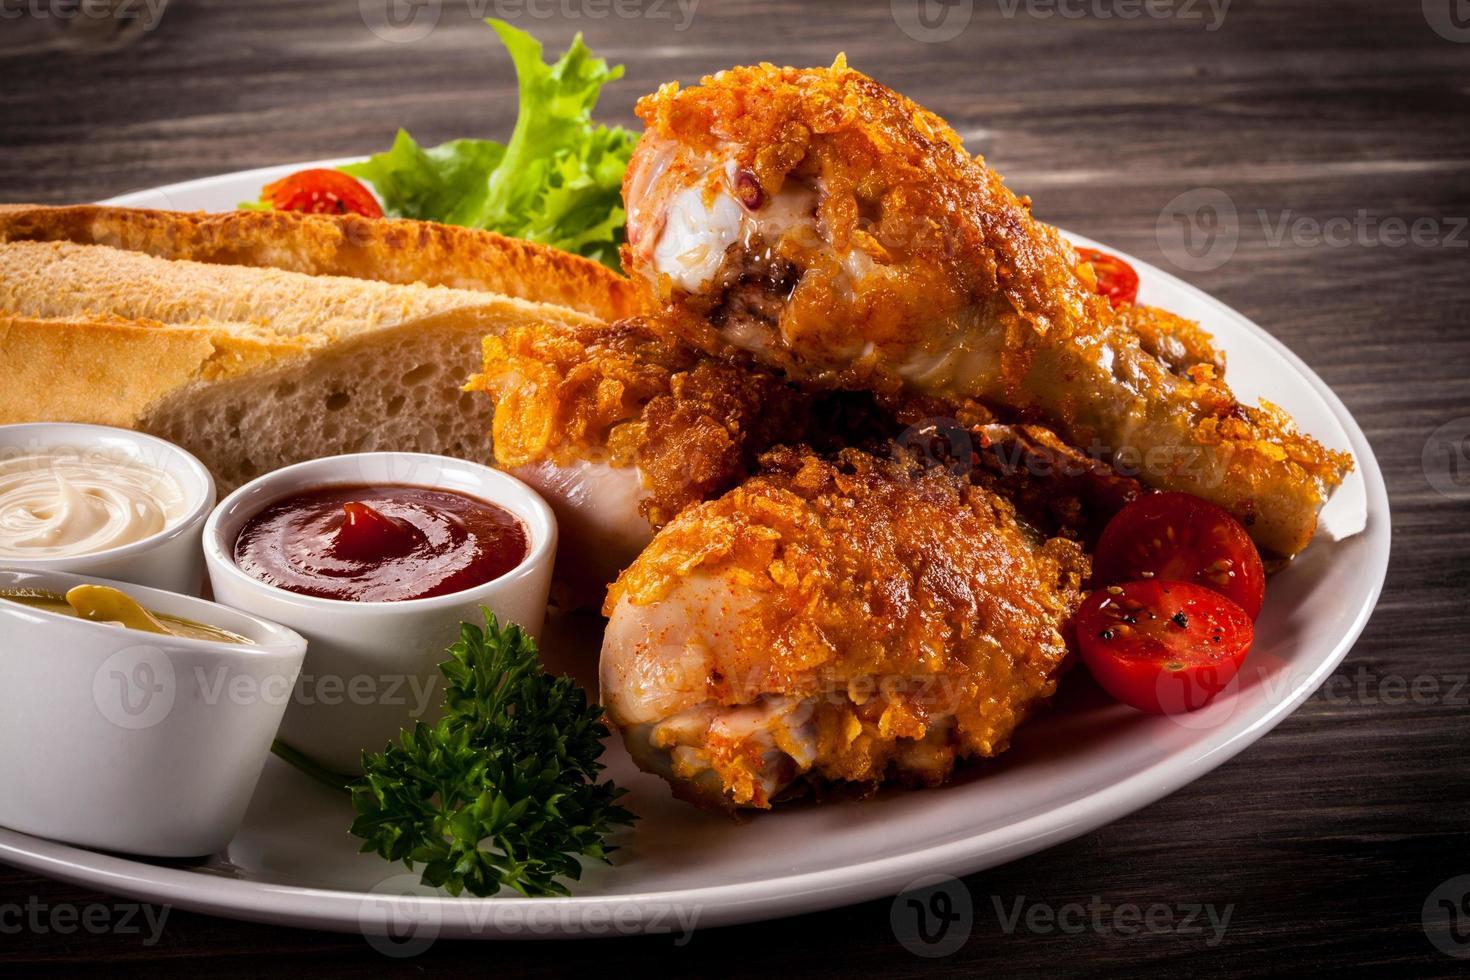 coxinhas de frango assado e legumes foto